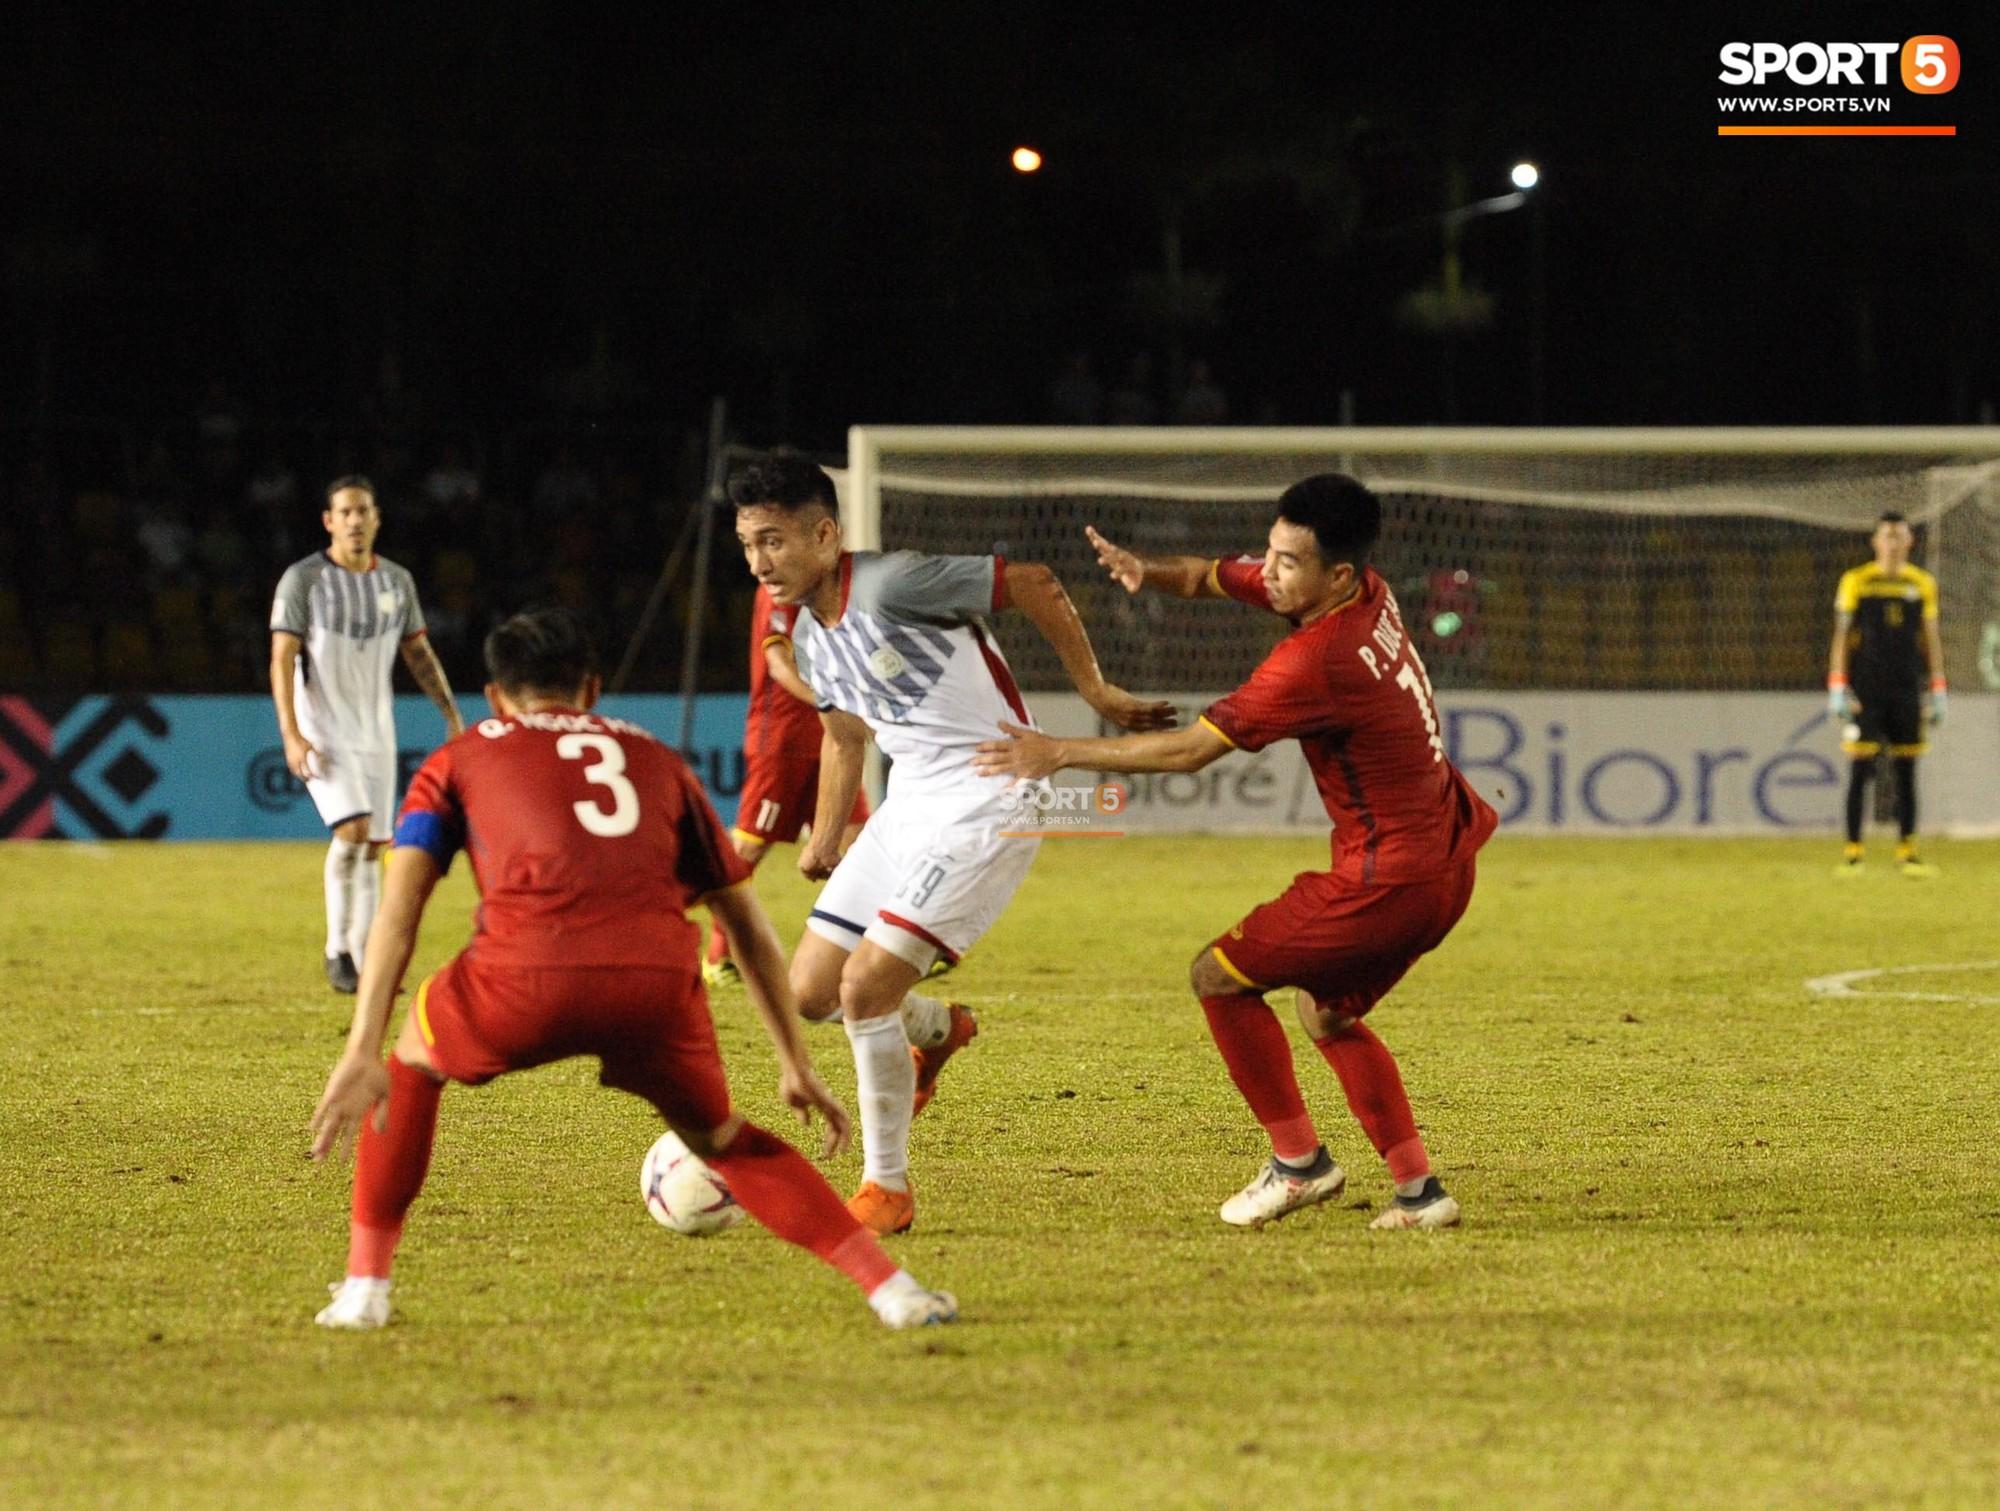 Hoàng tử Ả-rập thể hiện sự cần cù đến khó tin trong trận thắng Philippines-1